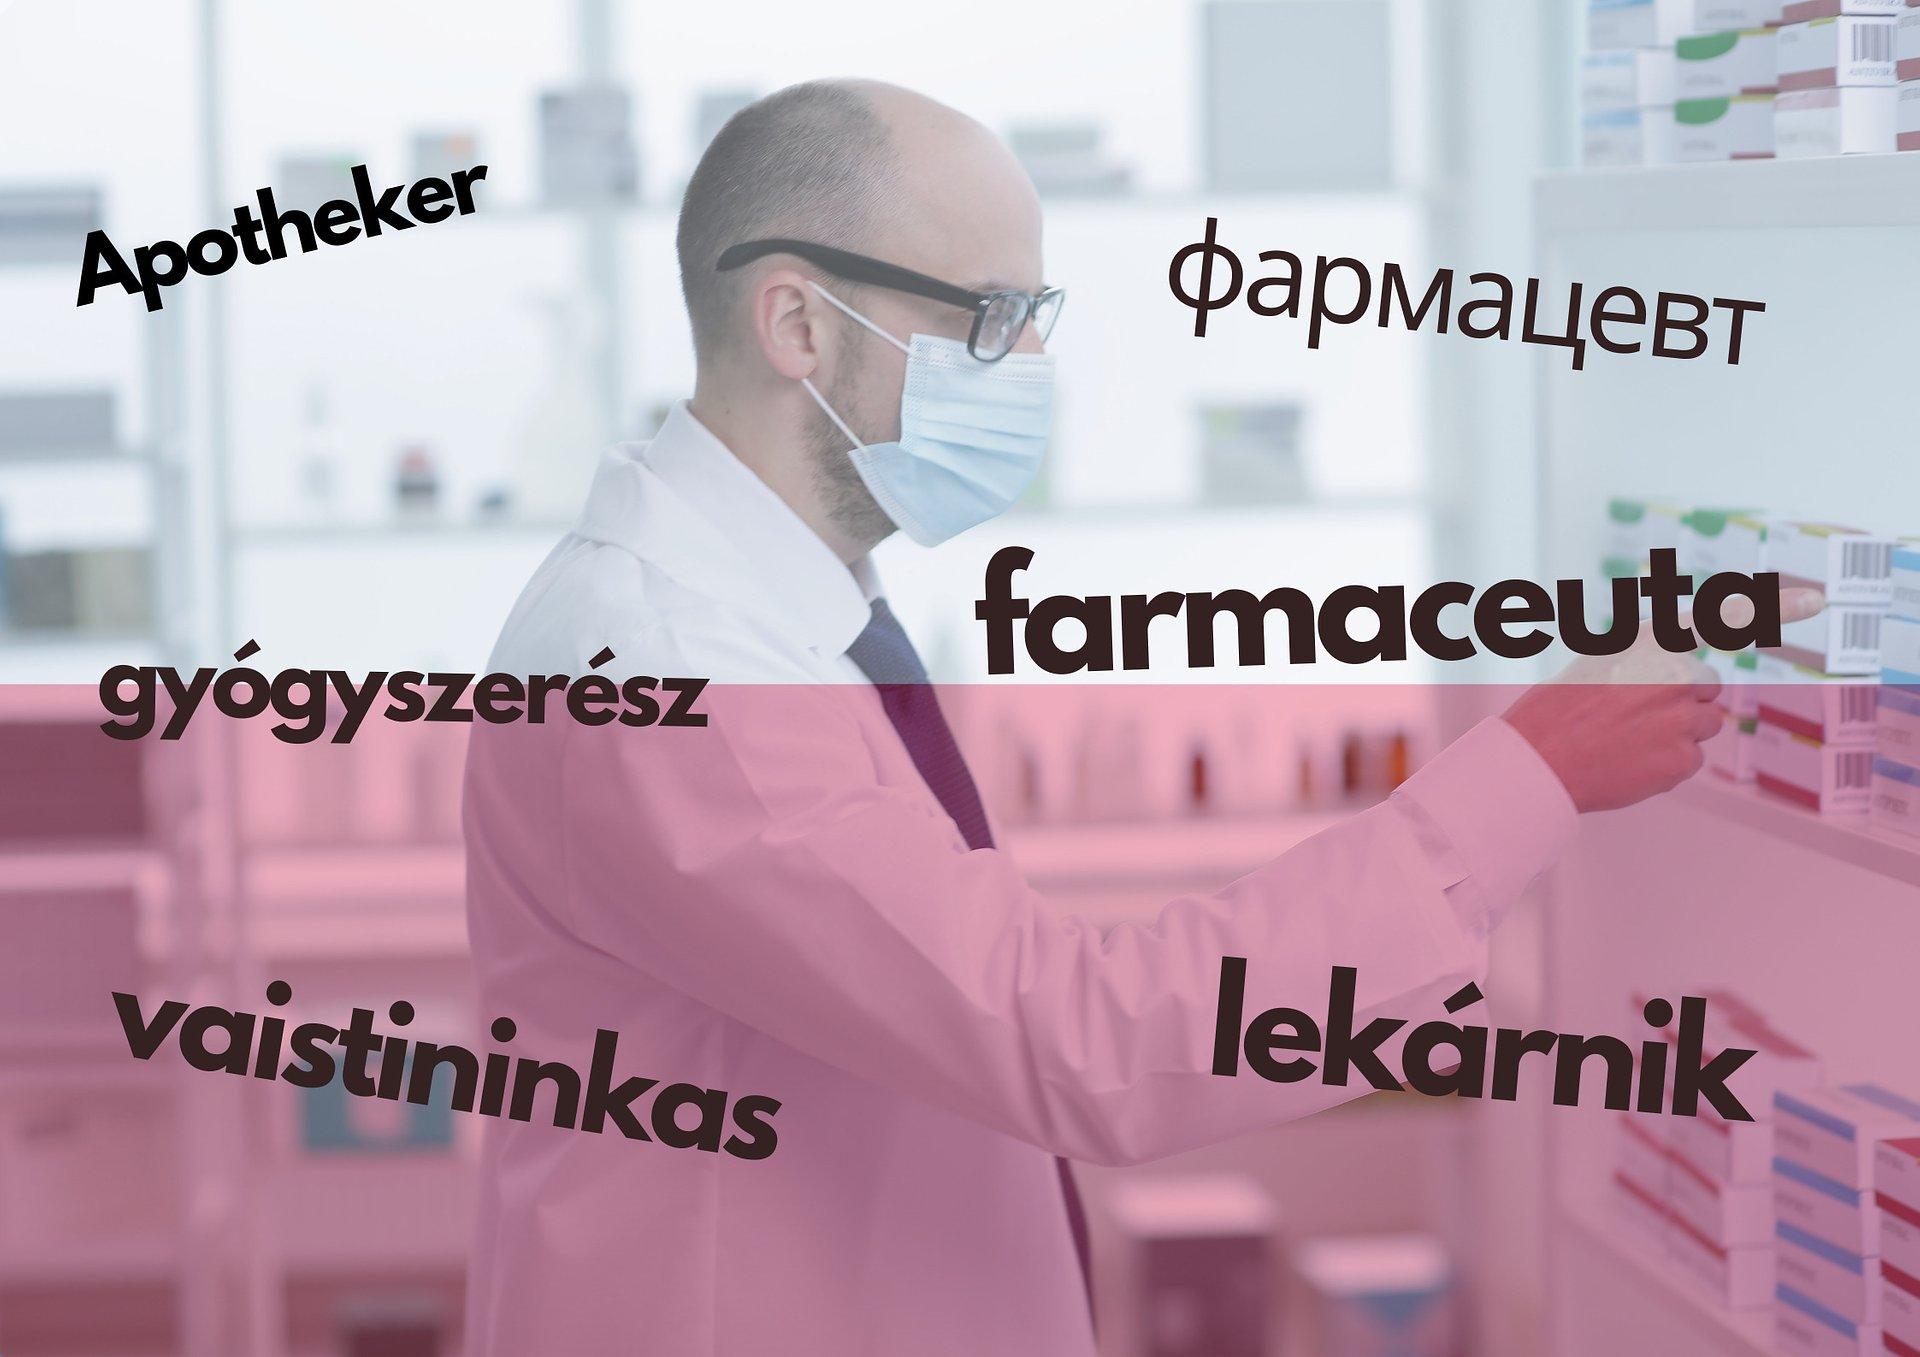 Wykonywanie zawodu farmaceuty tylko ze znajomością języka